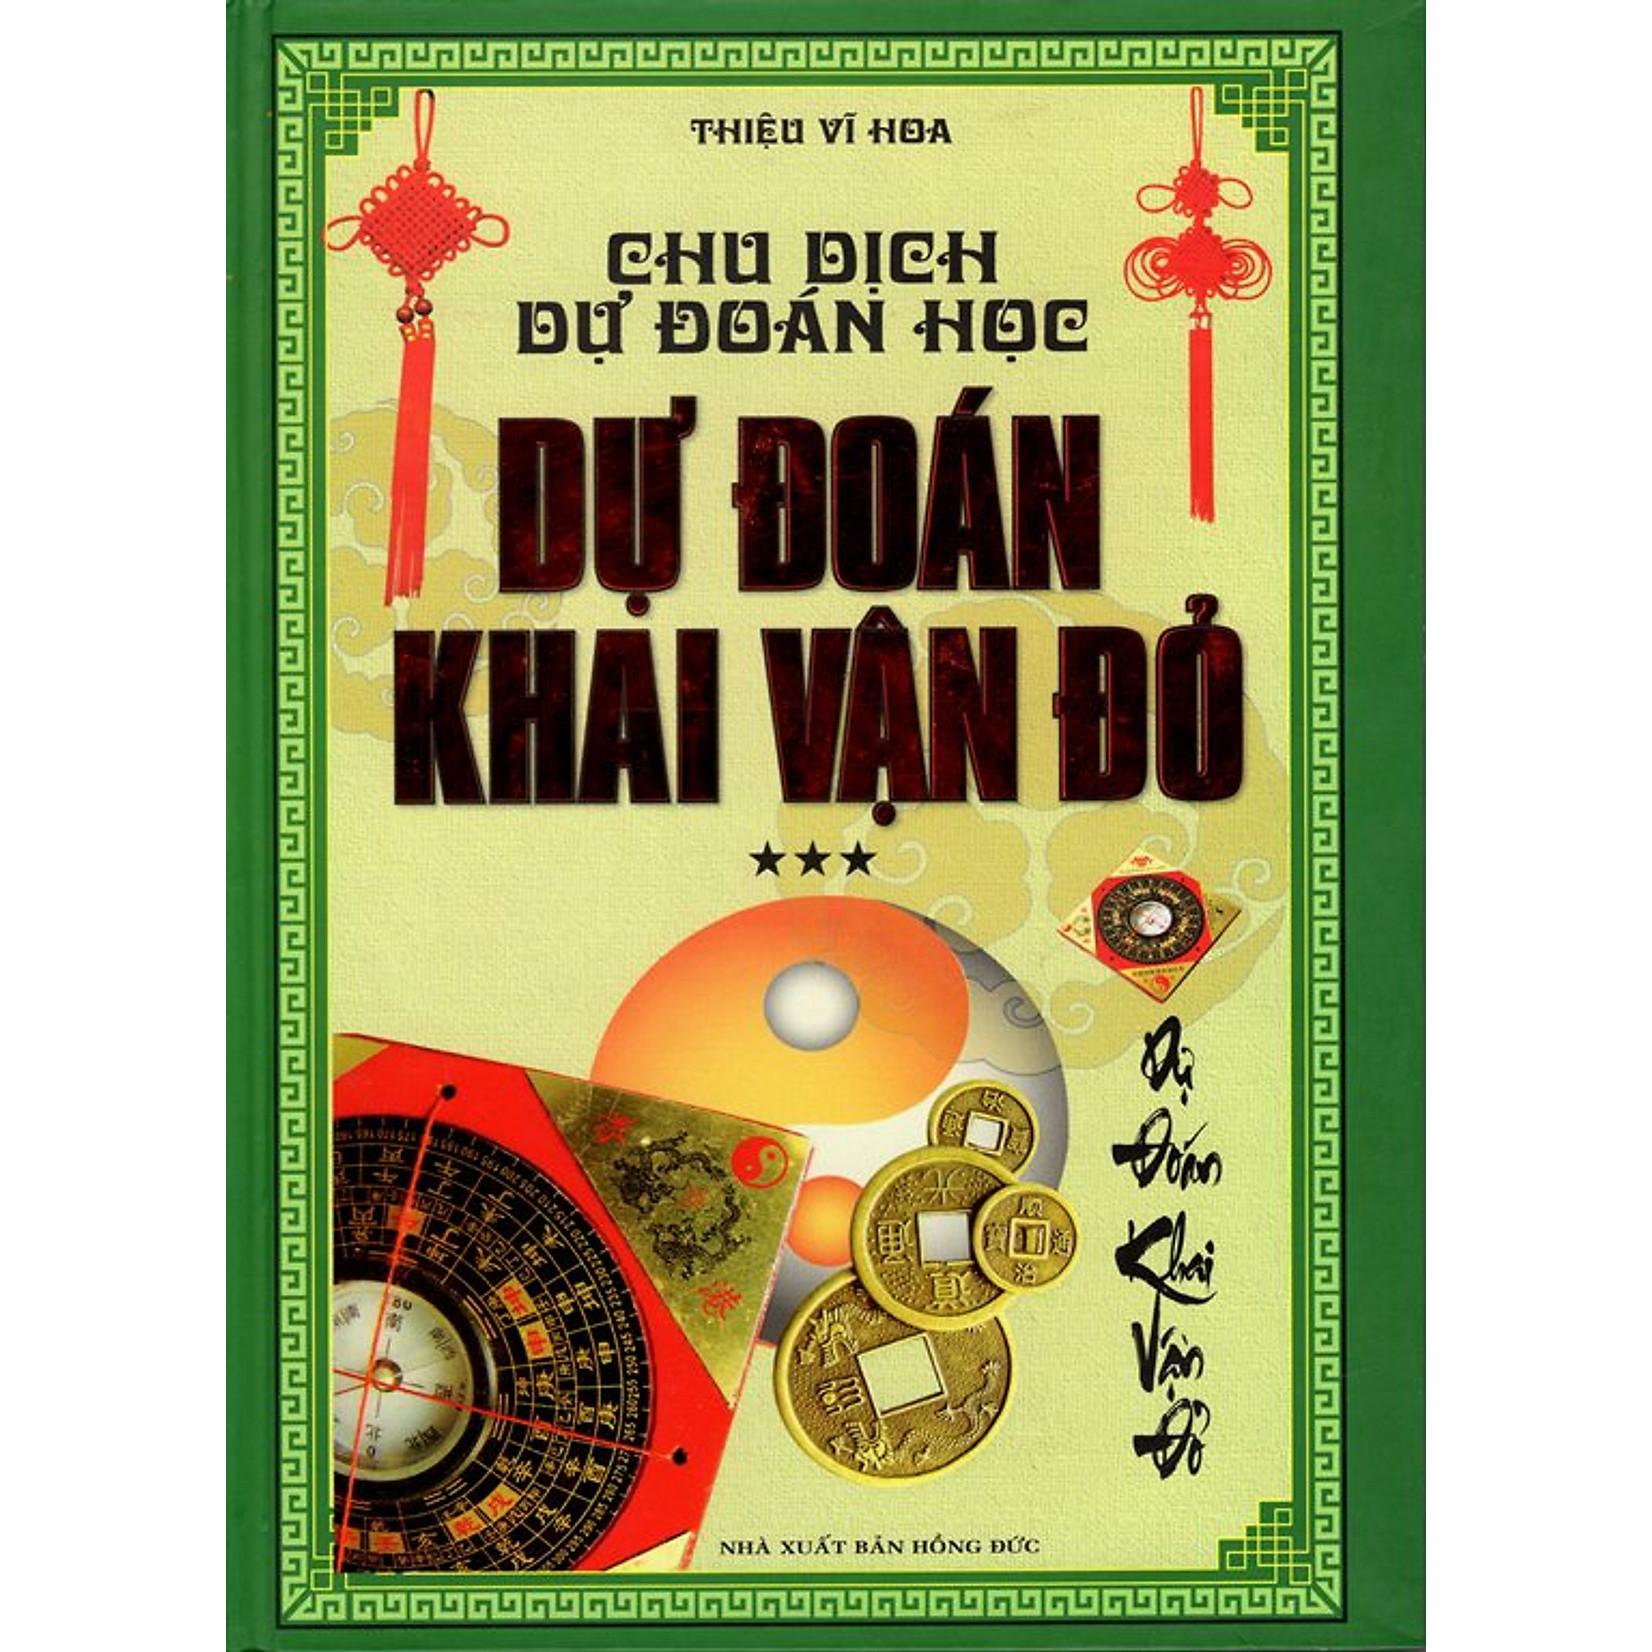 Chu Dịch Dự Đoán Học - Dự Đoán Khai Vận Đỏ (Tái bản)